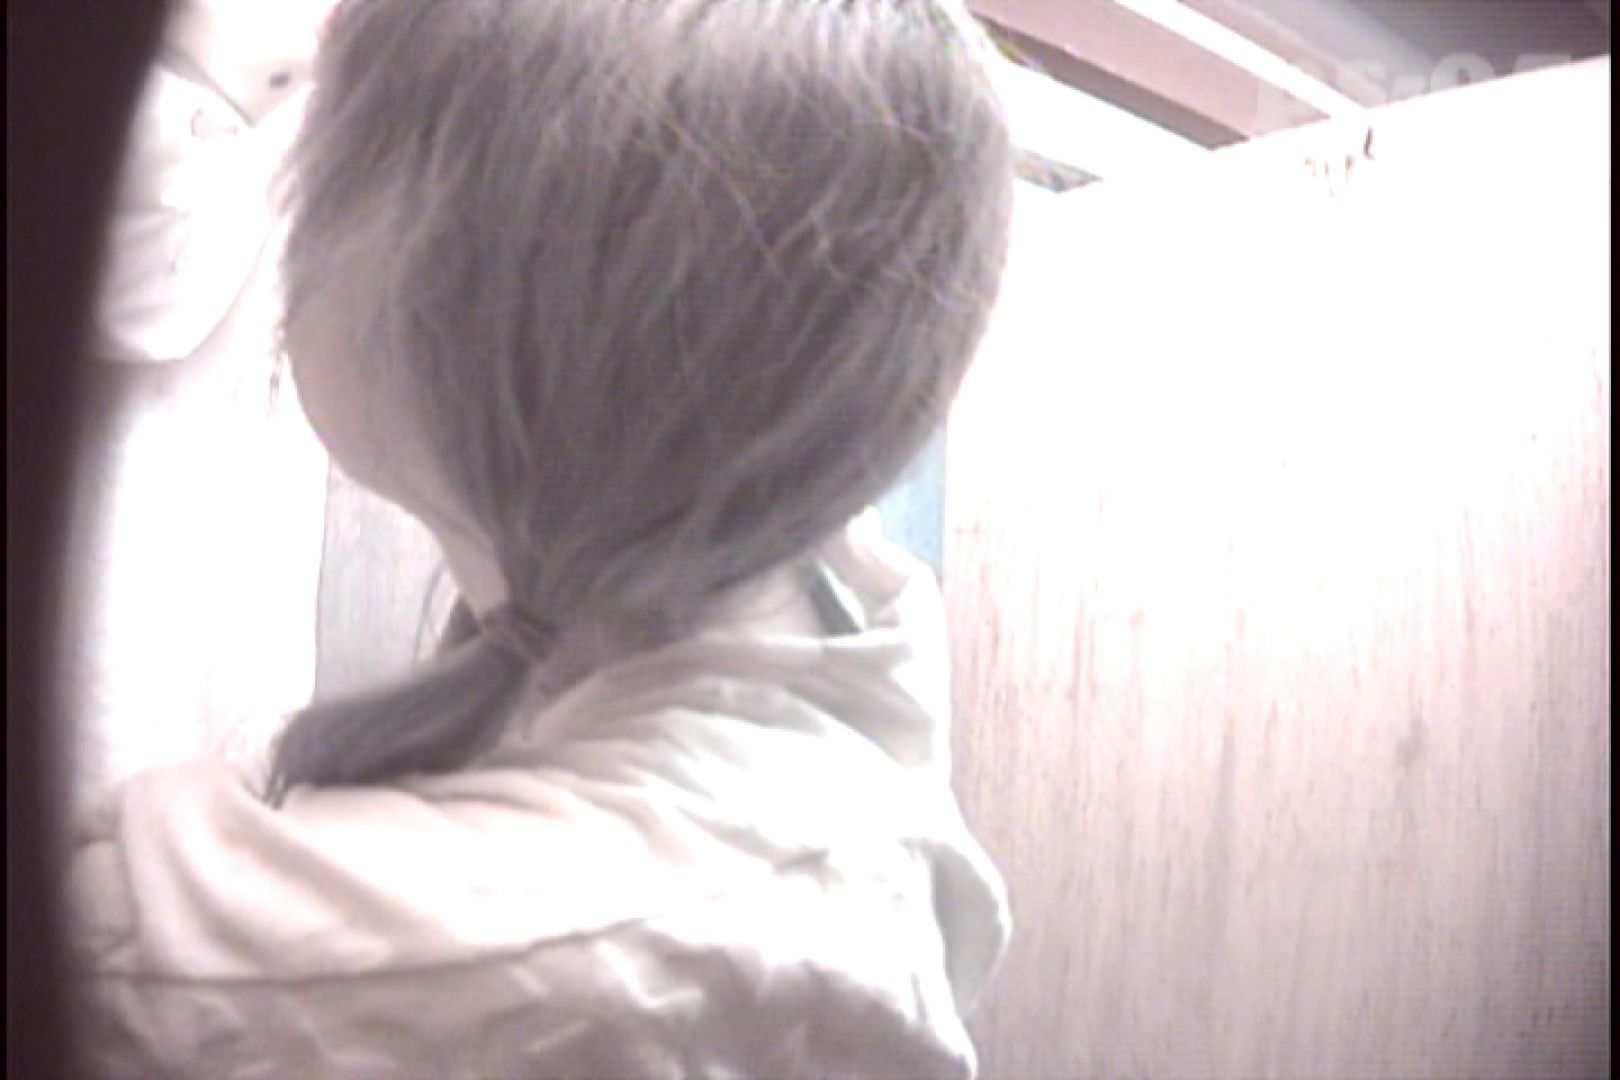 File.37 収穫の秋、こんなの取れました。必見です!【2011年20位】 名人 | シャワー室  91画像 12